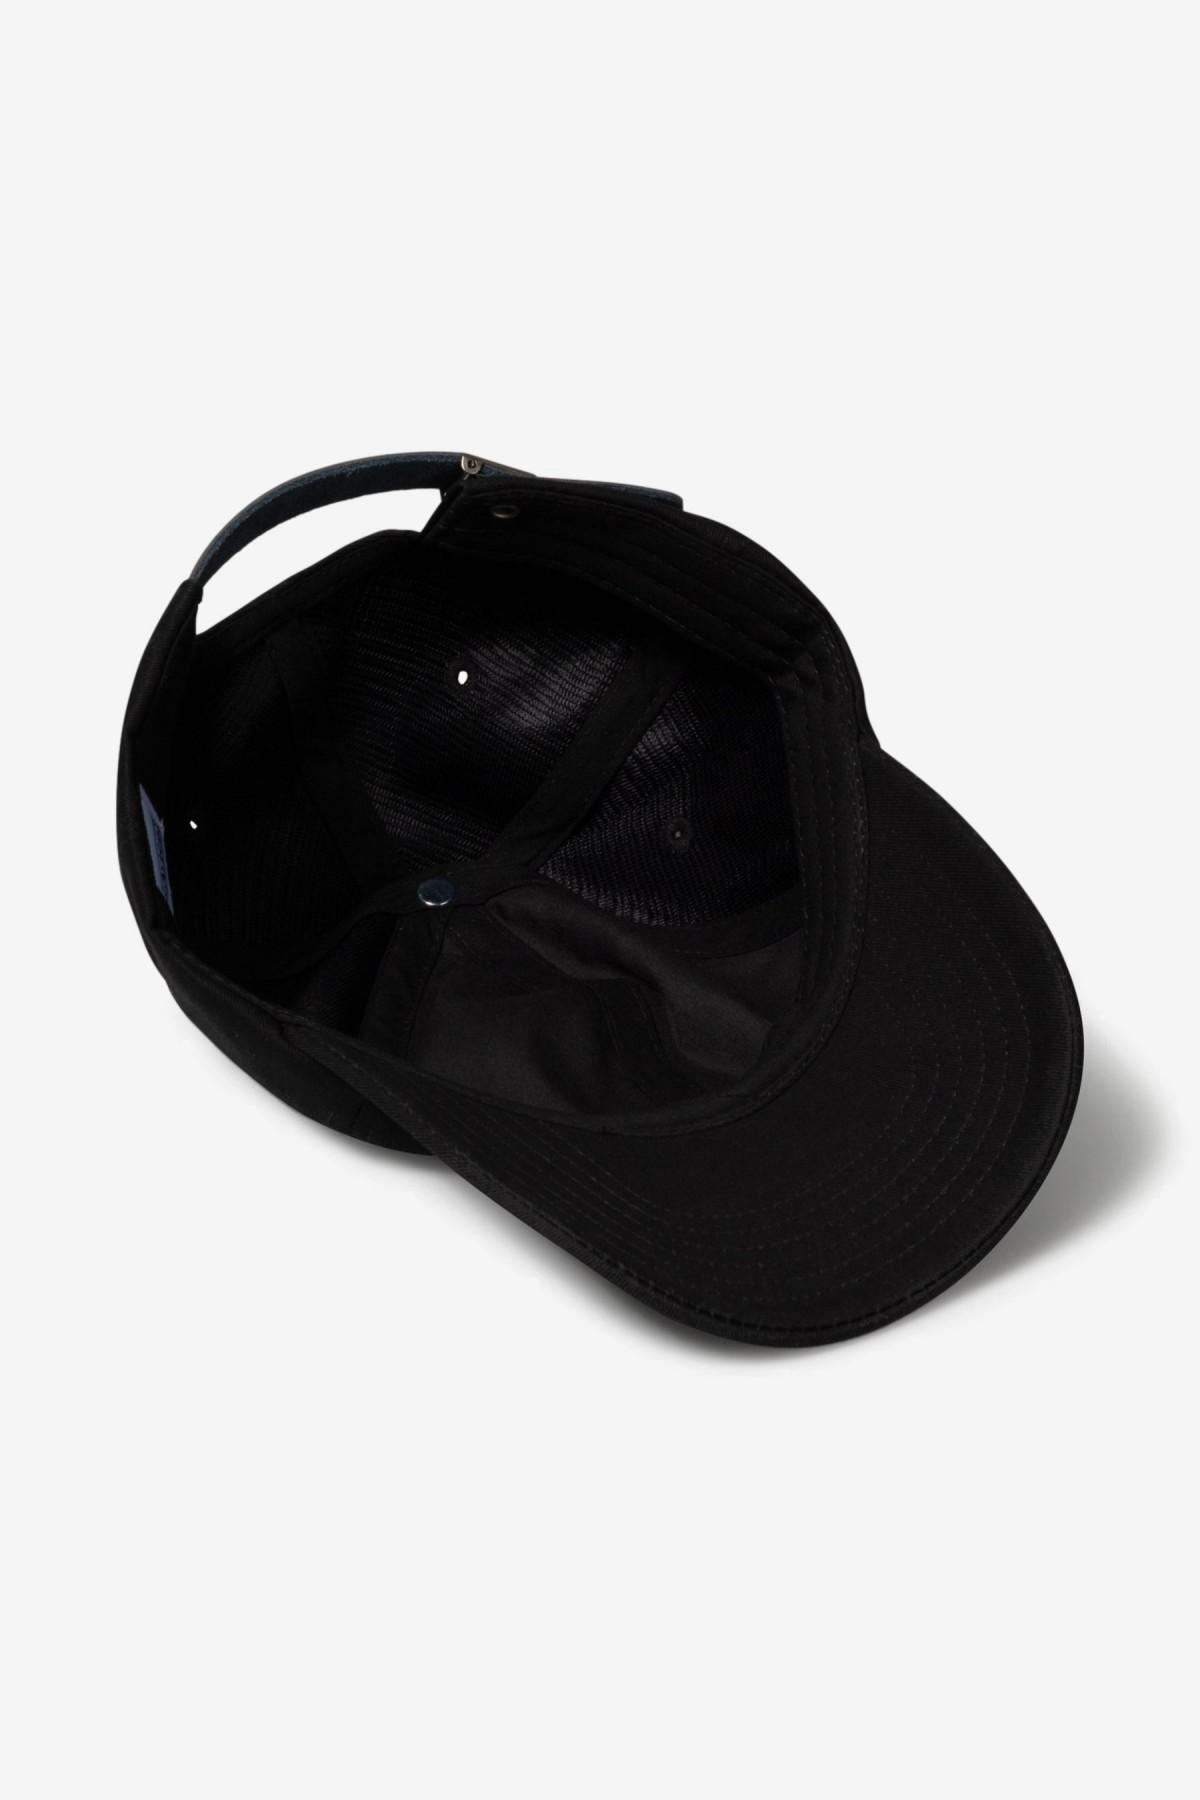 Aries Arise No Problemo Cap in Black